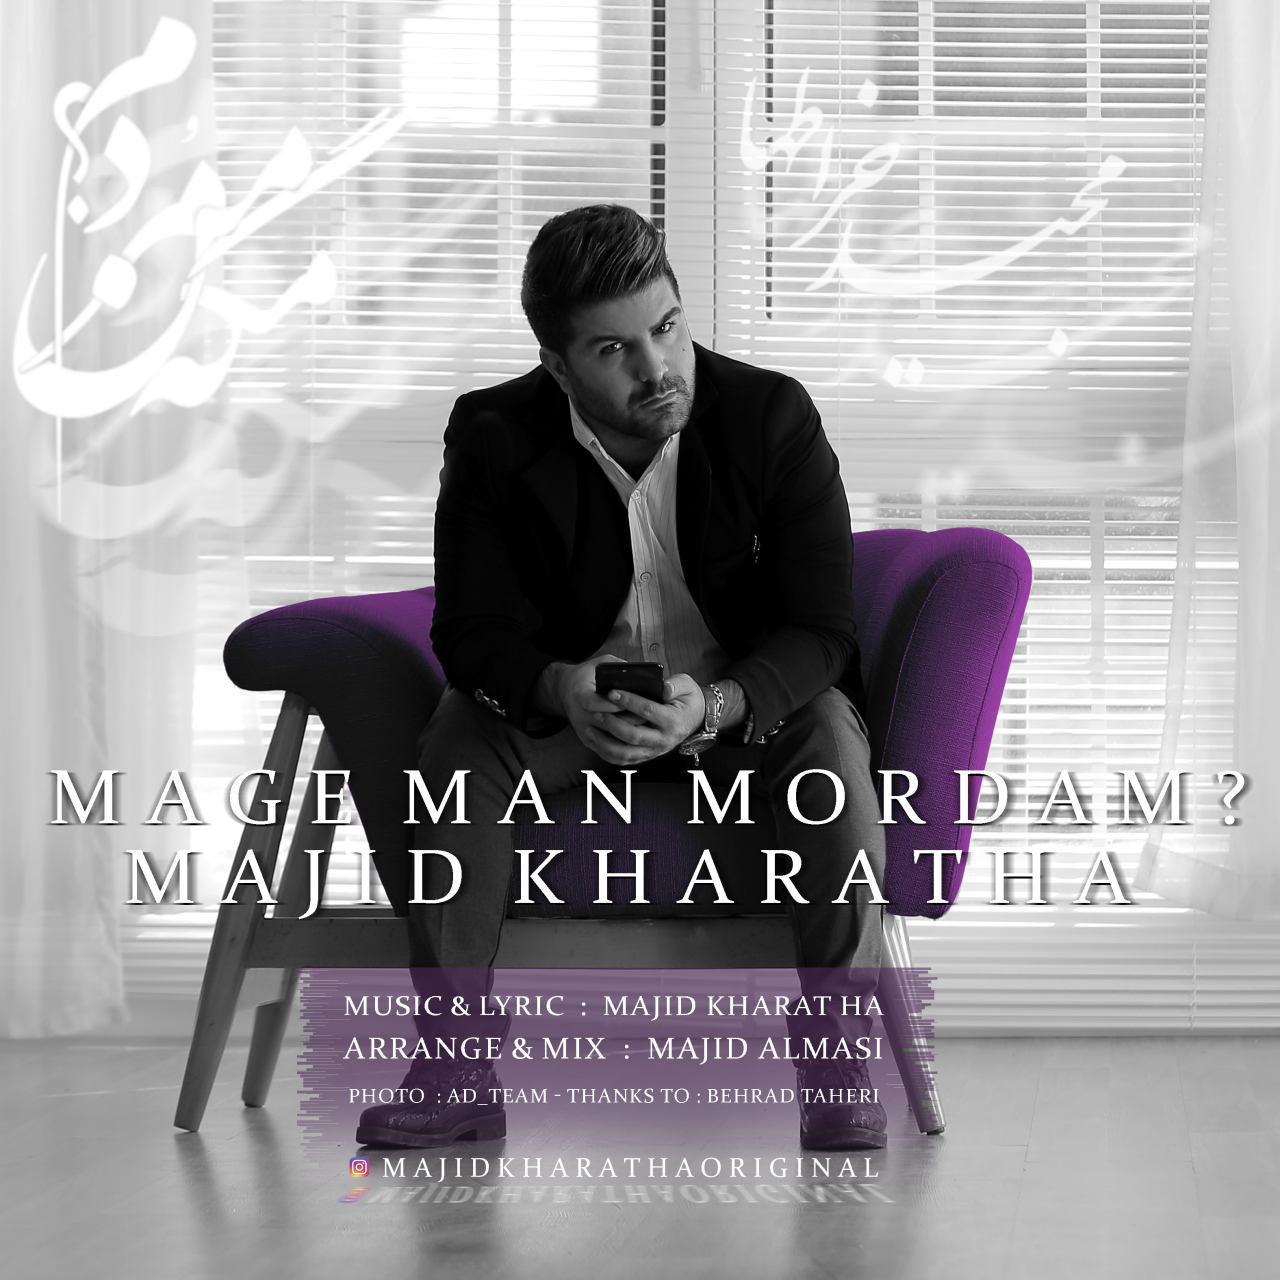 Majid Kharatha – Mage Man Mordam